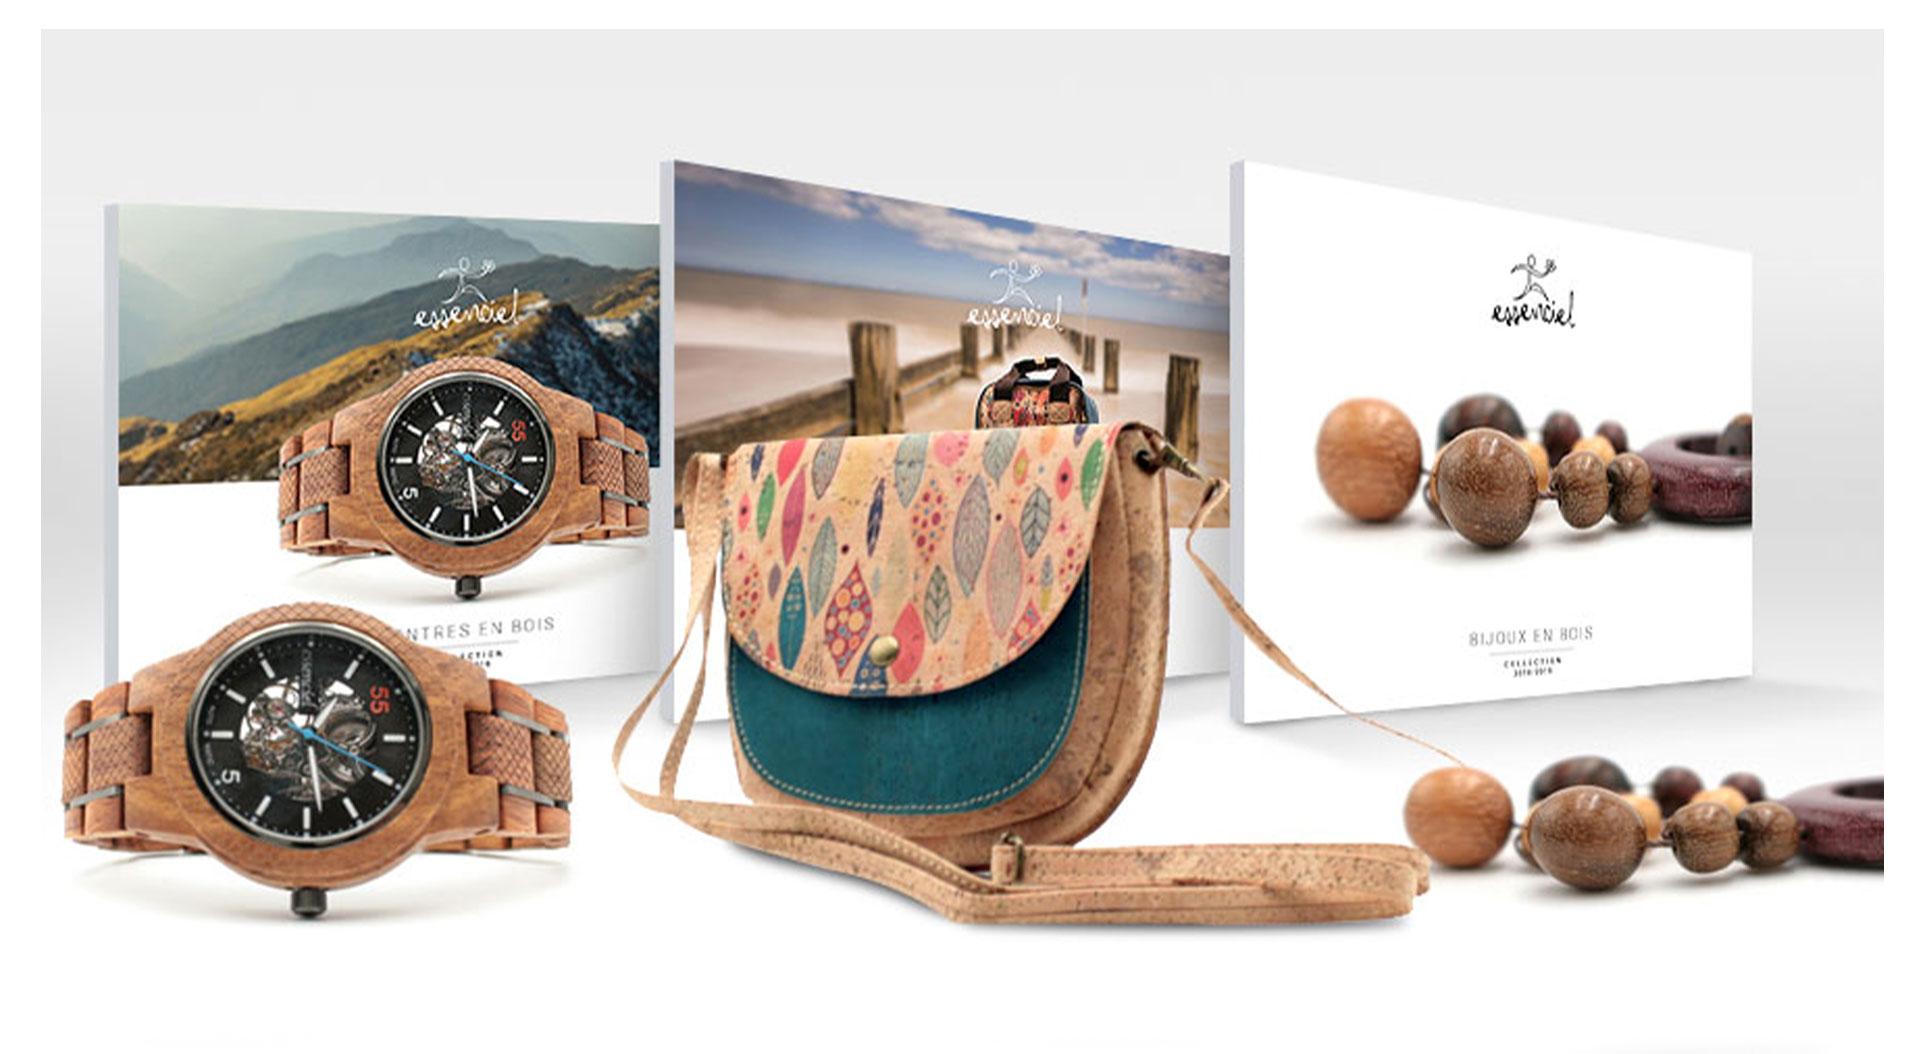 cd35df4c272 Essenciel - Bijoux et montres en bois